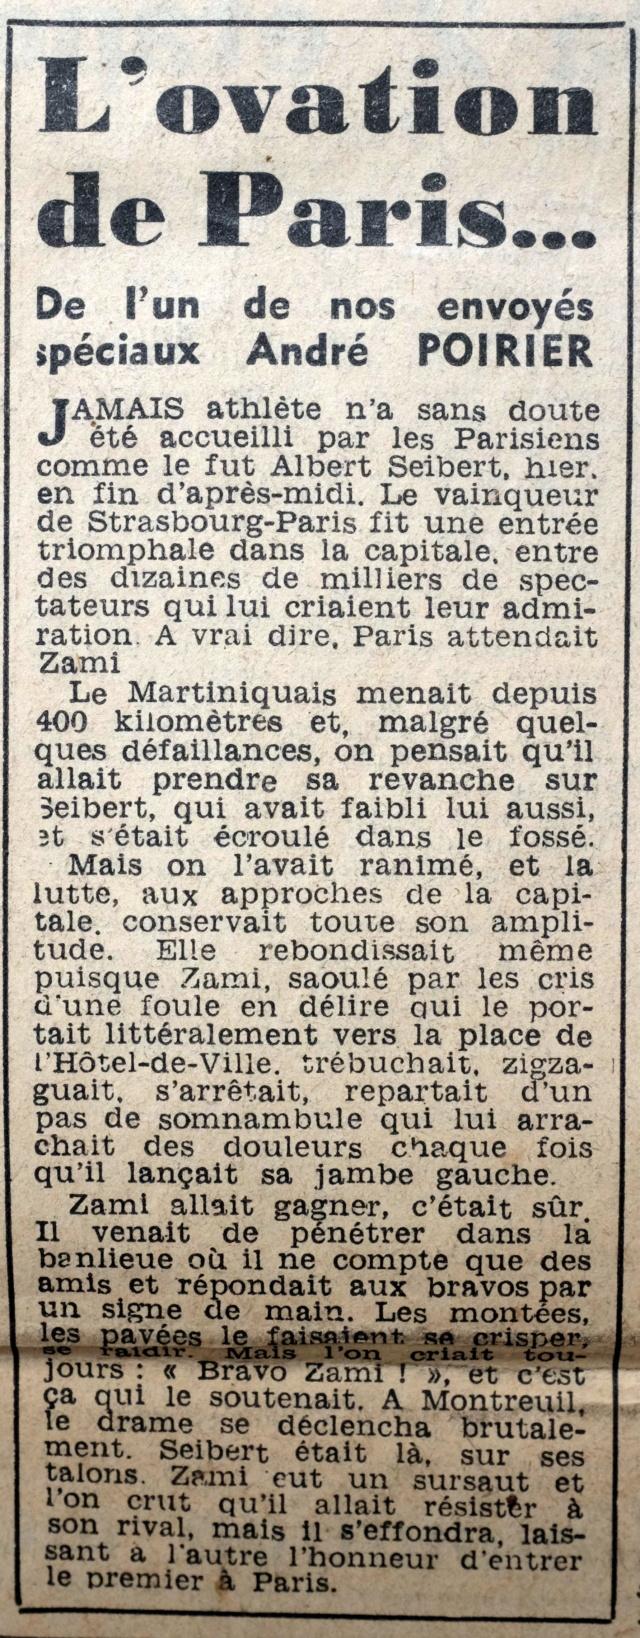 Strasbourg-Paris 1952 Le Parisien Dscf2116